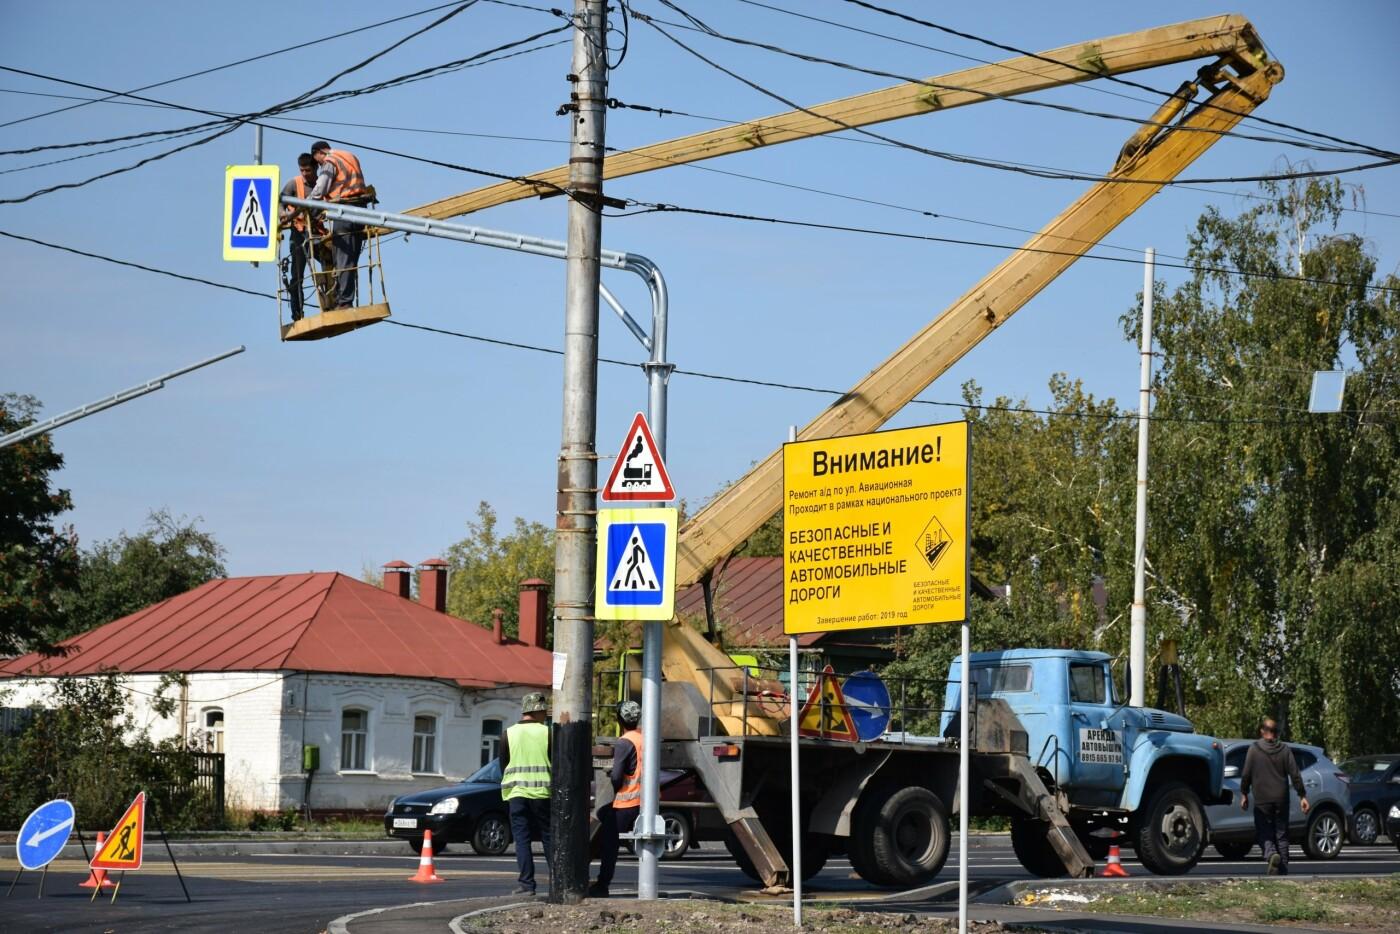 В Тамбове на улице Авиационной устанавливают новый светофор, фото-1